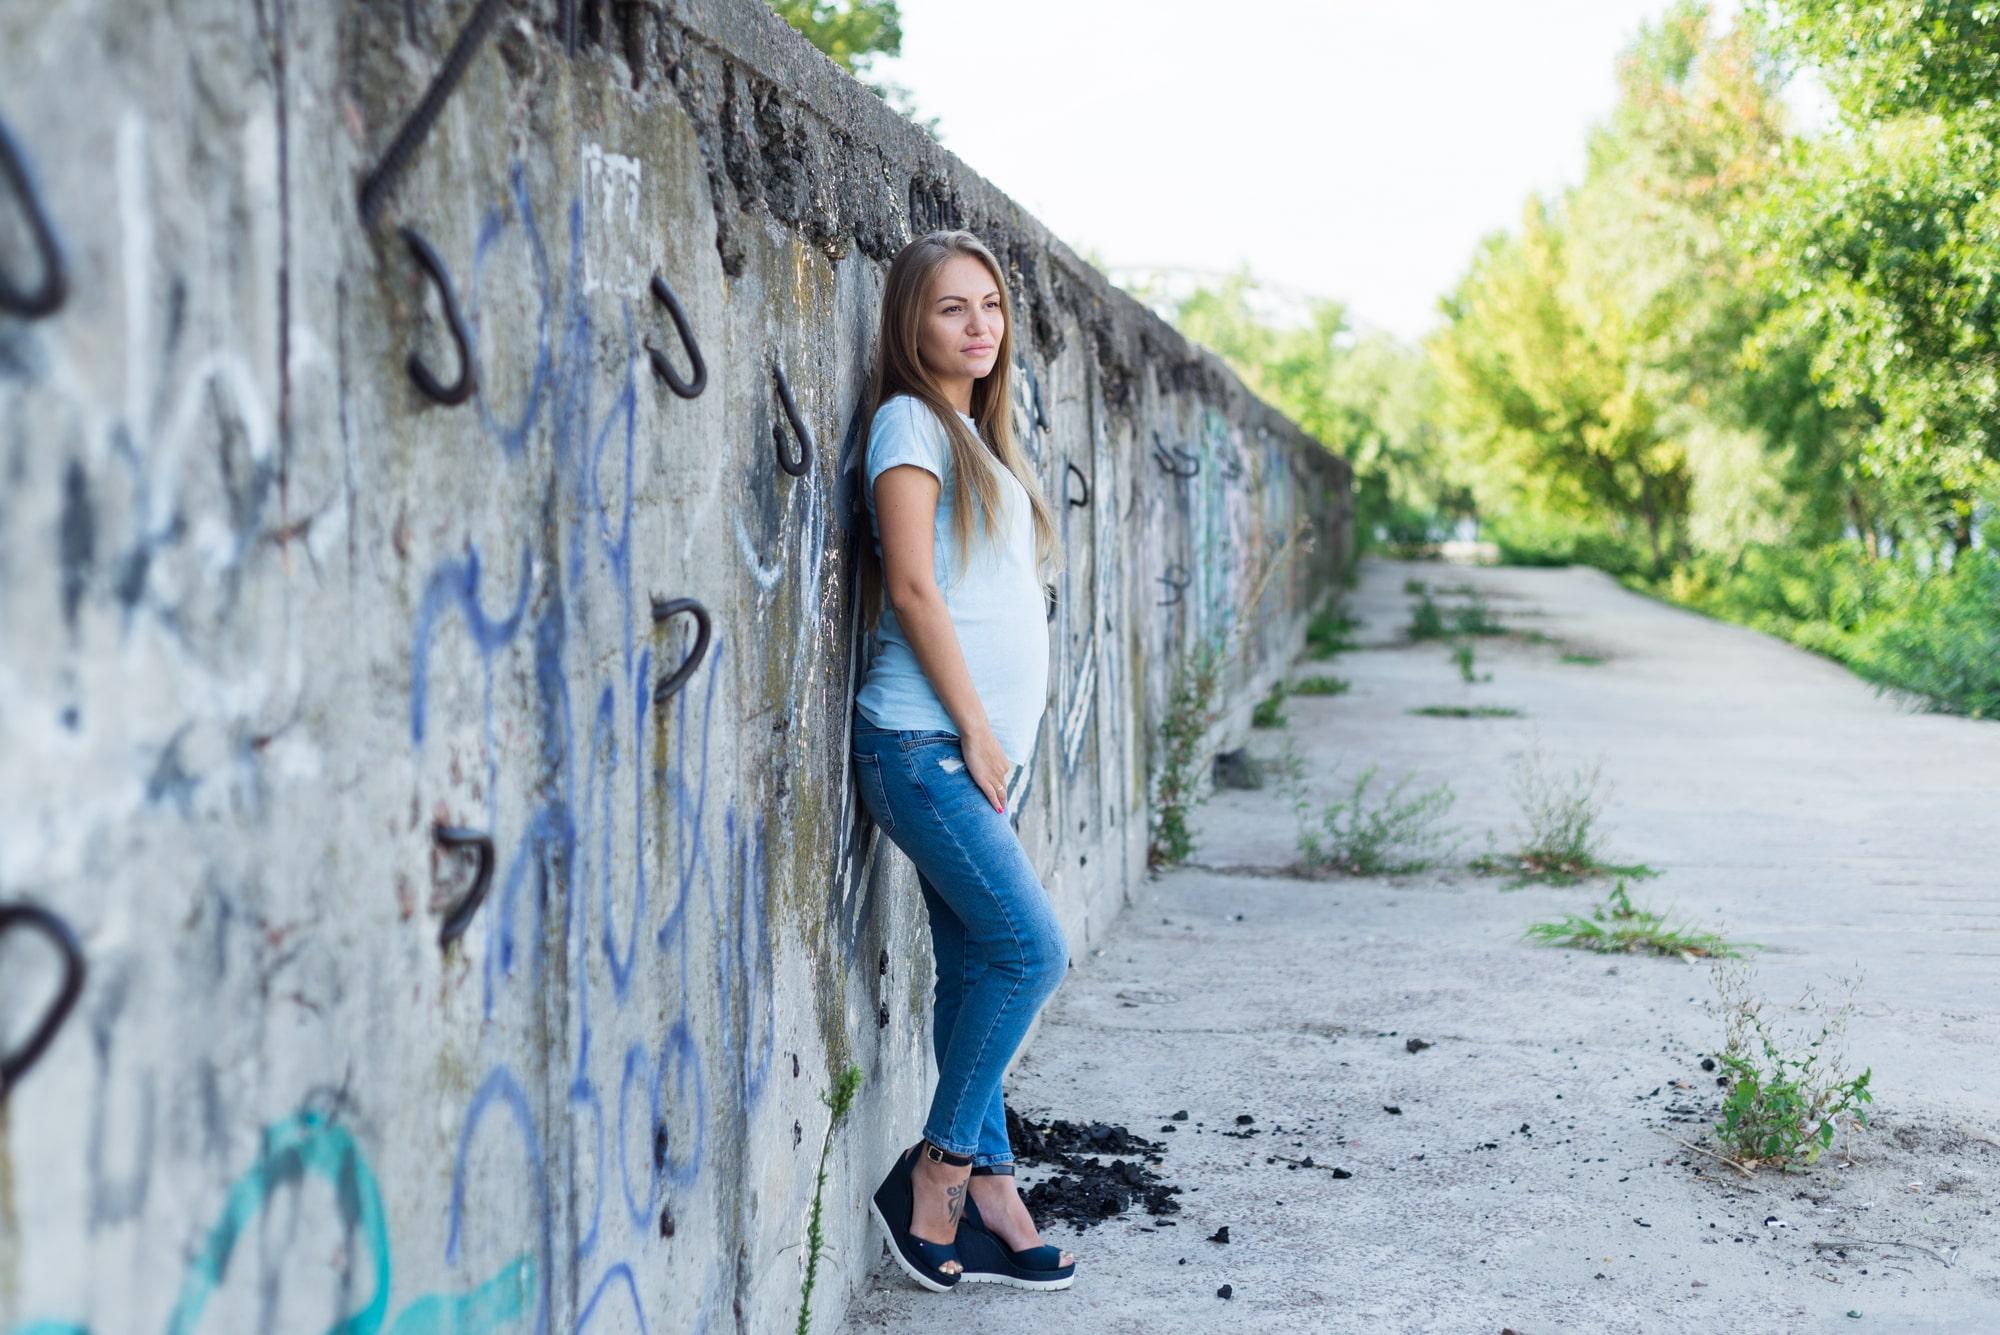 Фотосессия для беременных в Киеве - возле стены